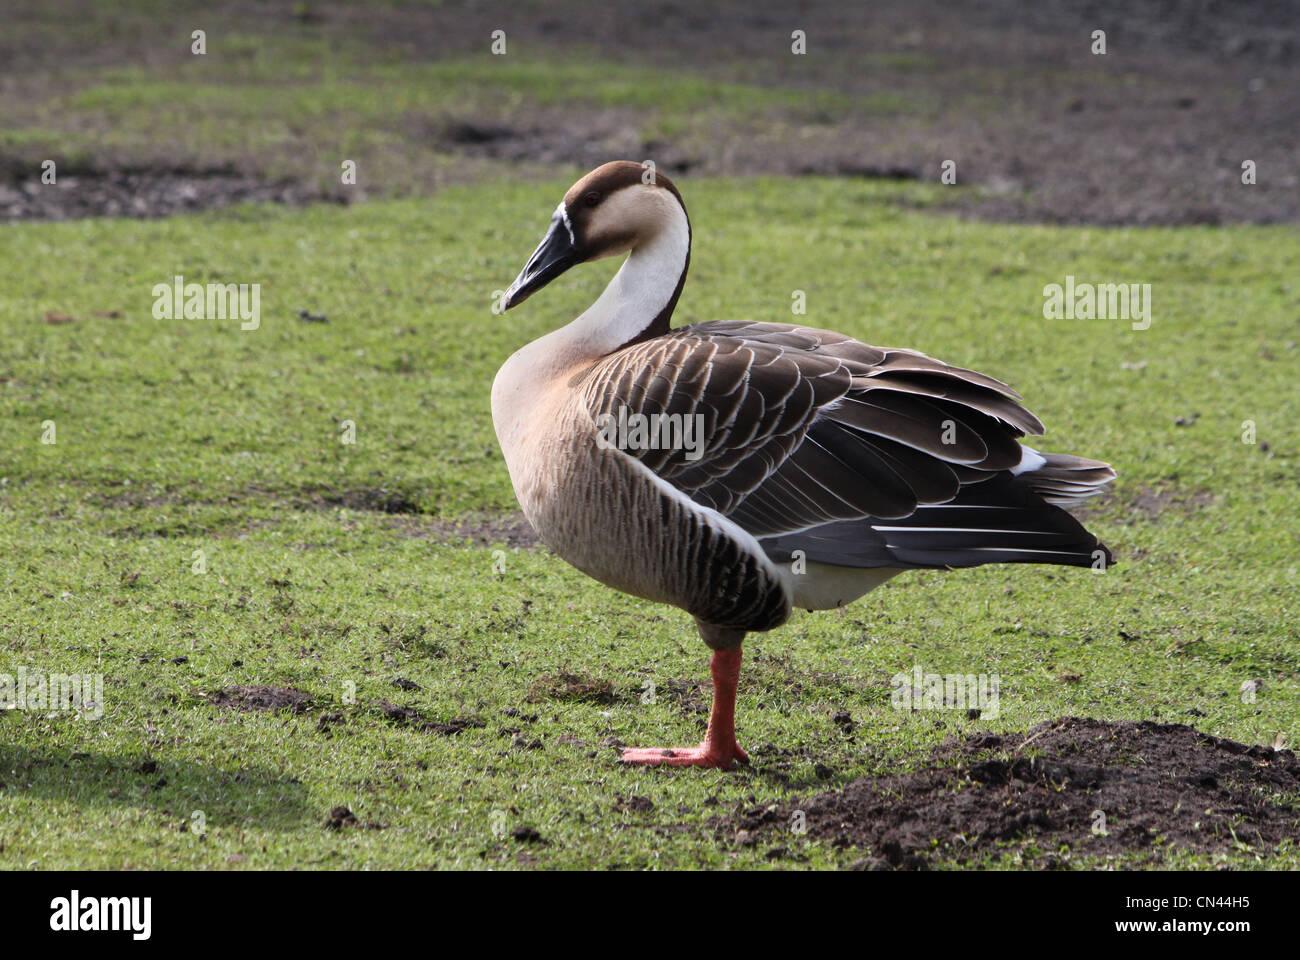 online retailer f9fff d5577 Cygnoides Stockfotos & Cygnoides Bilder - Alamy